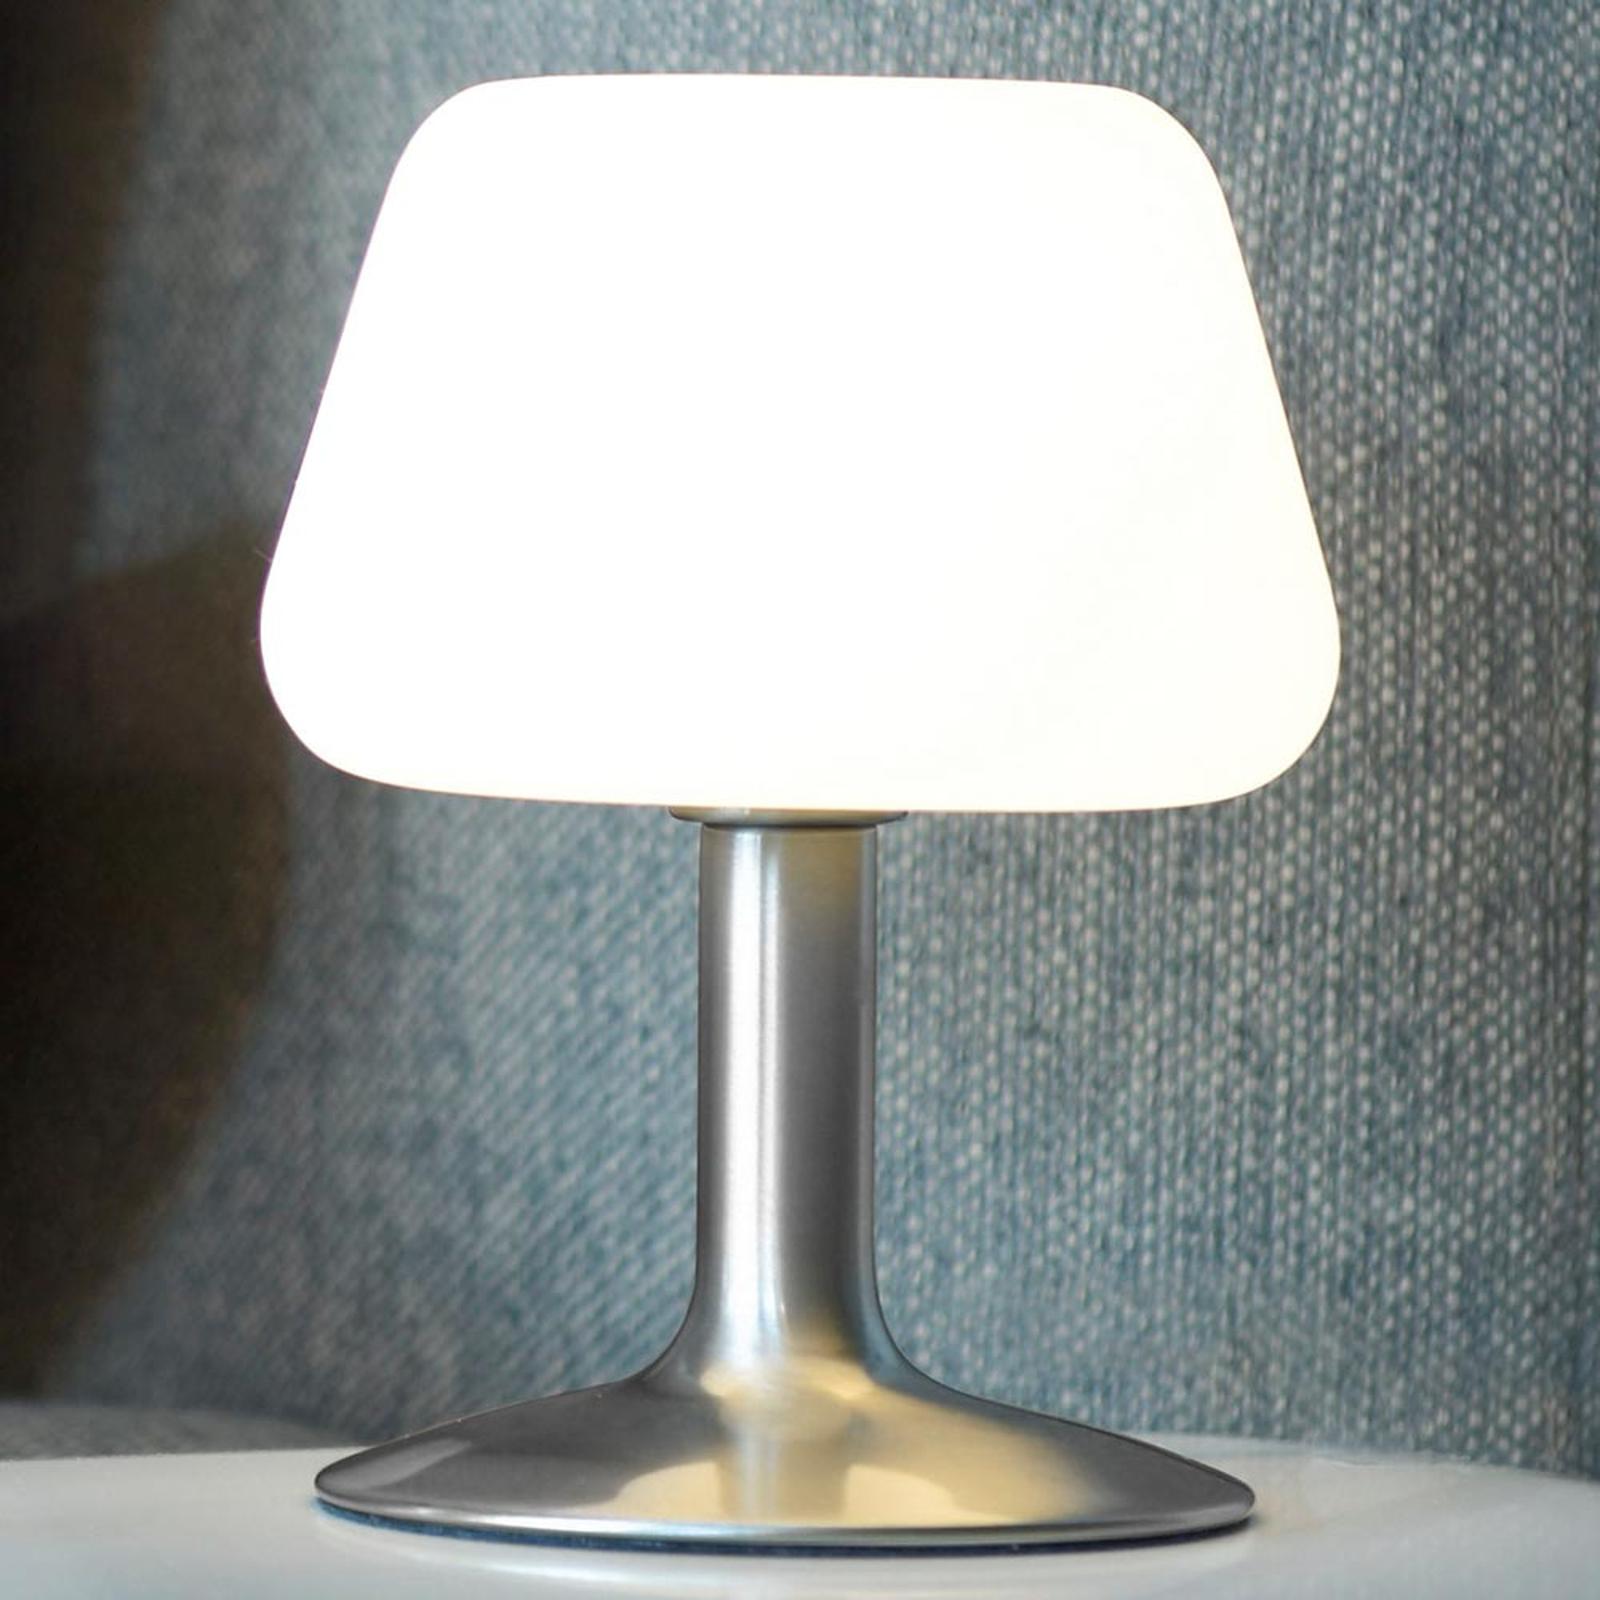 Kleine LED-Tischleuchte Till m. Touchdimmer, stahl kaufen